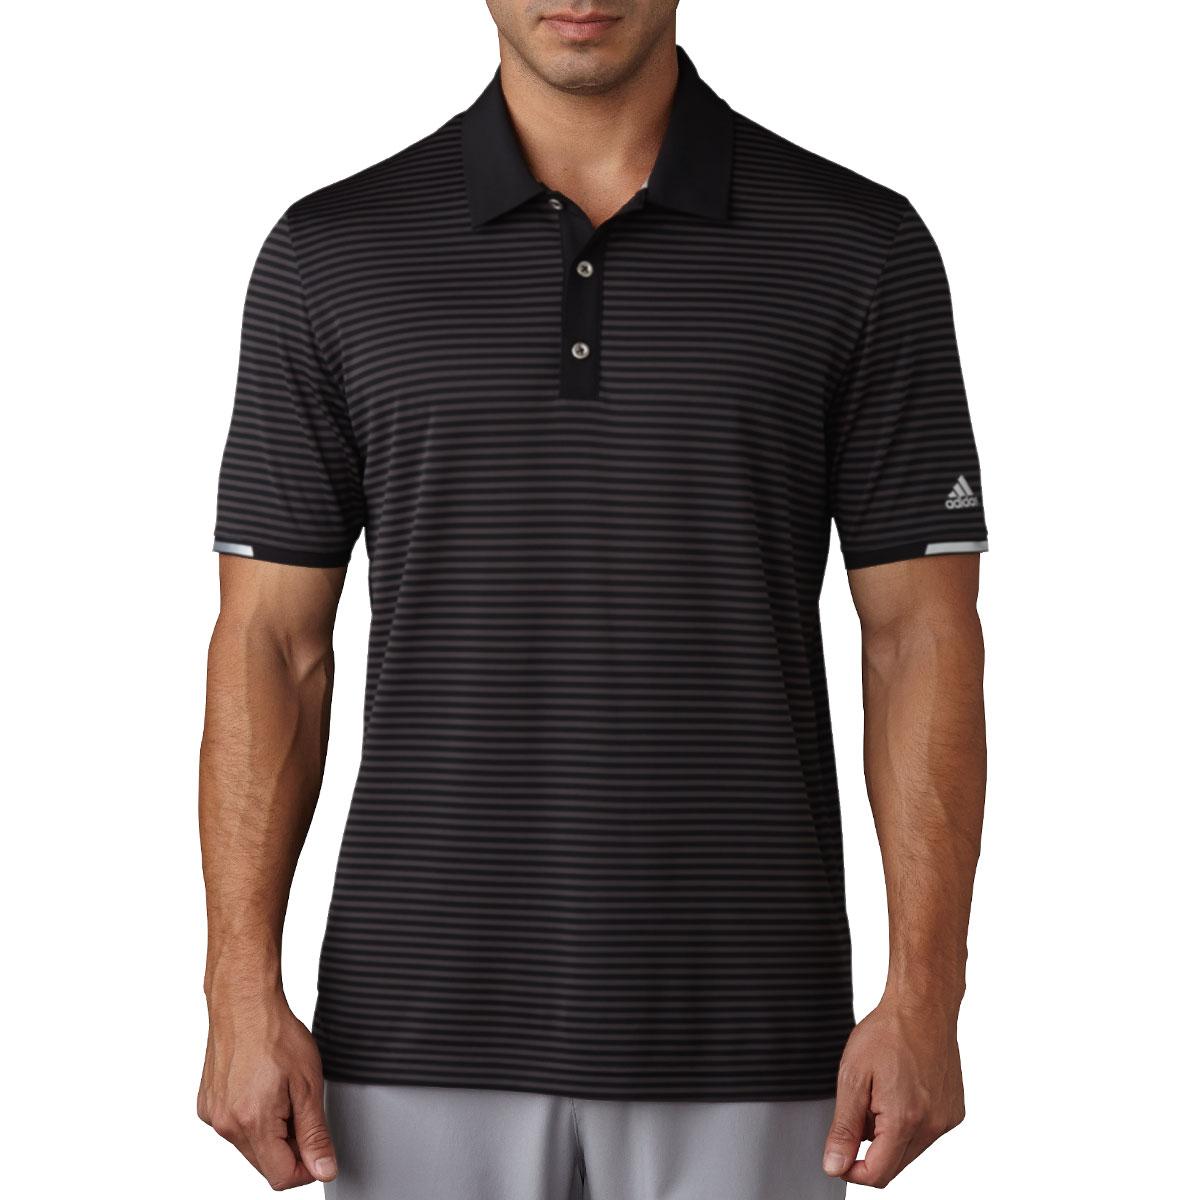 Adidas golf 2017 mens climachill tonal stripe polo shirt for Stretch polo shirt mens